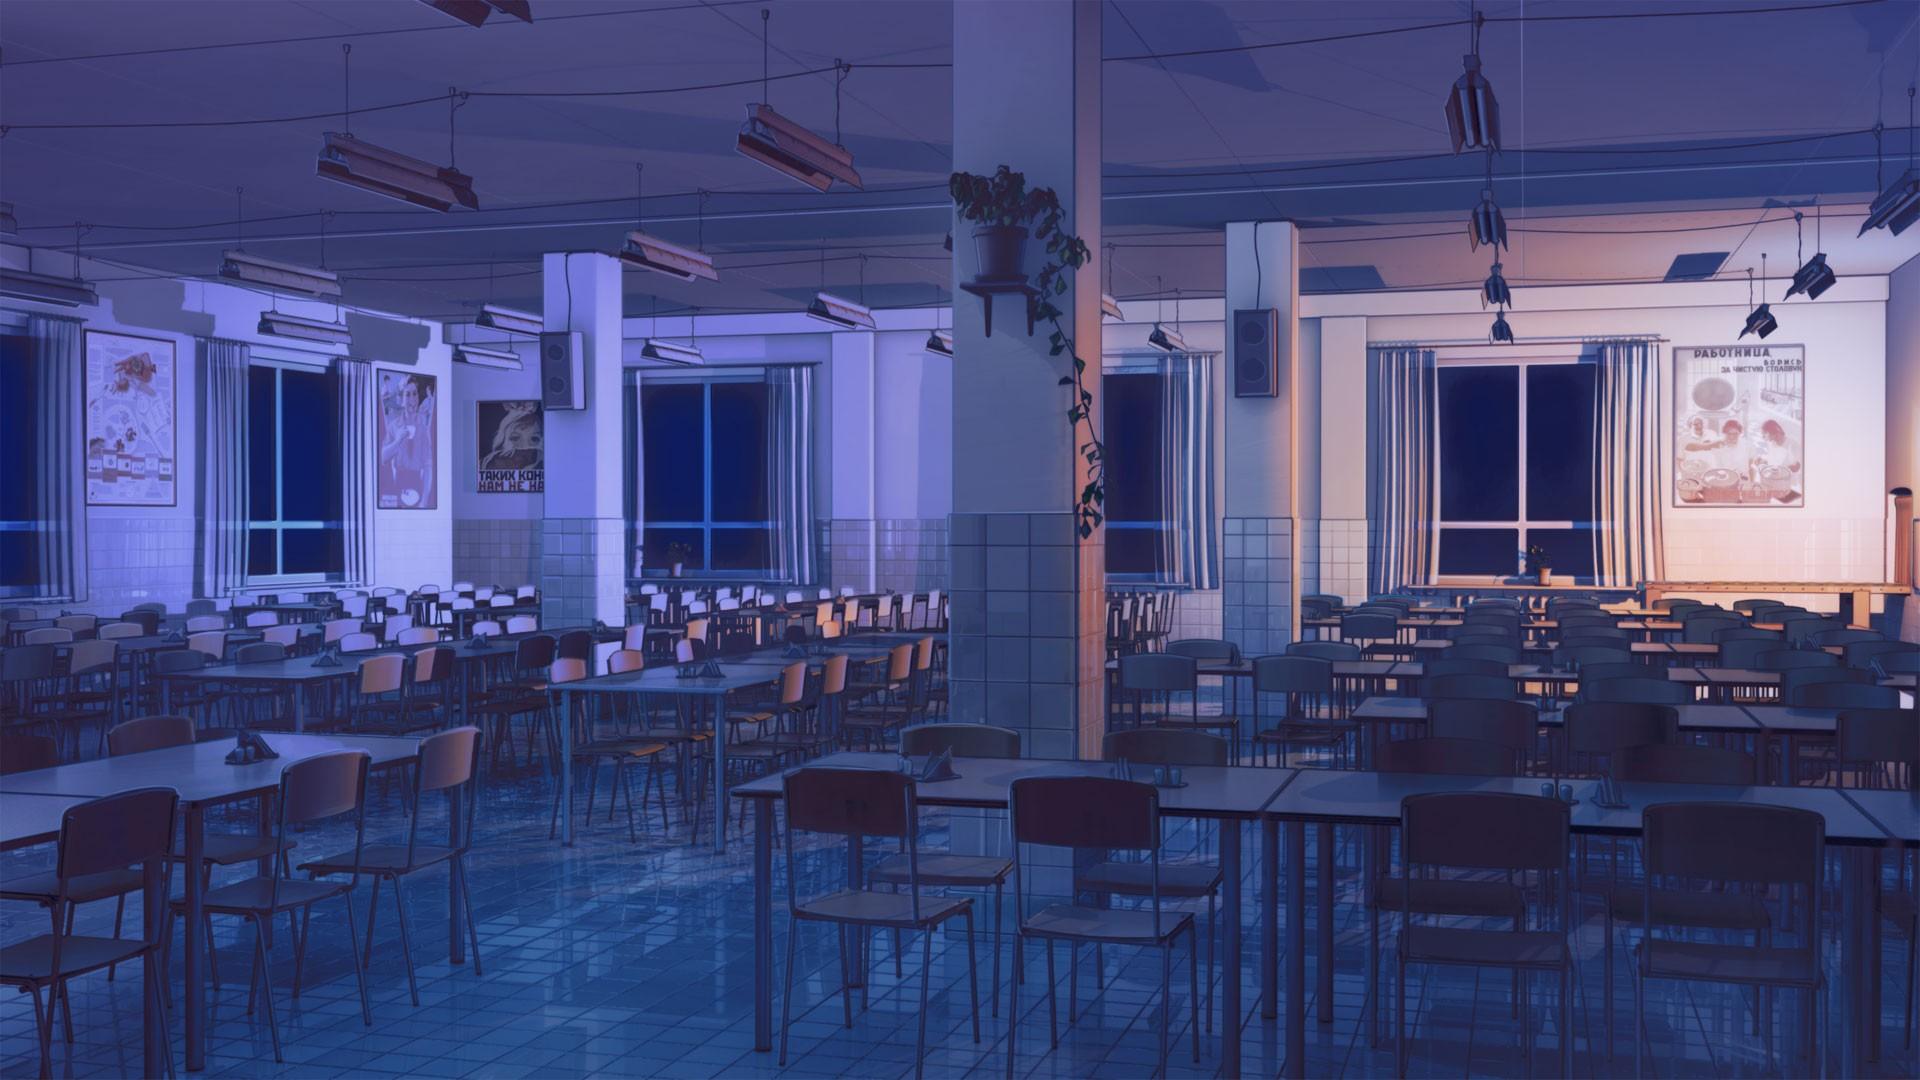 Fondos de pantalla silla aula restaurante azulejos for Restaurante azulejos